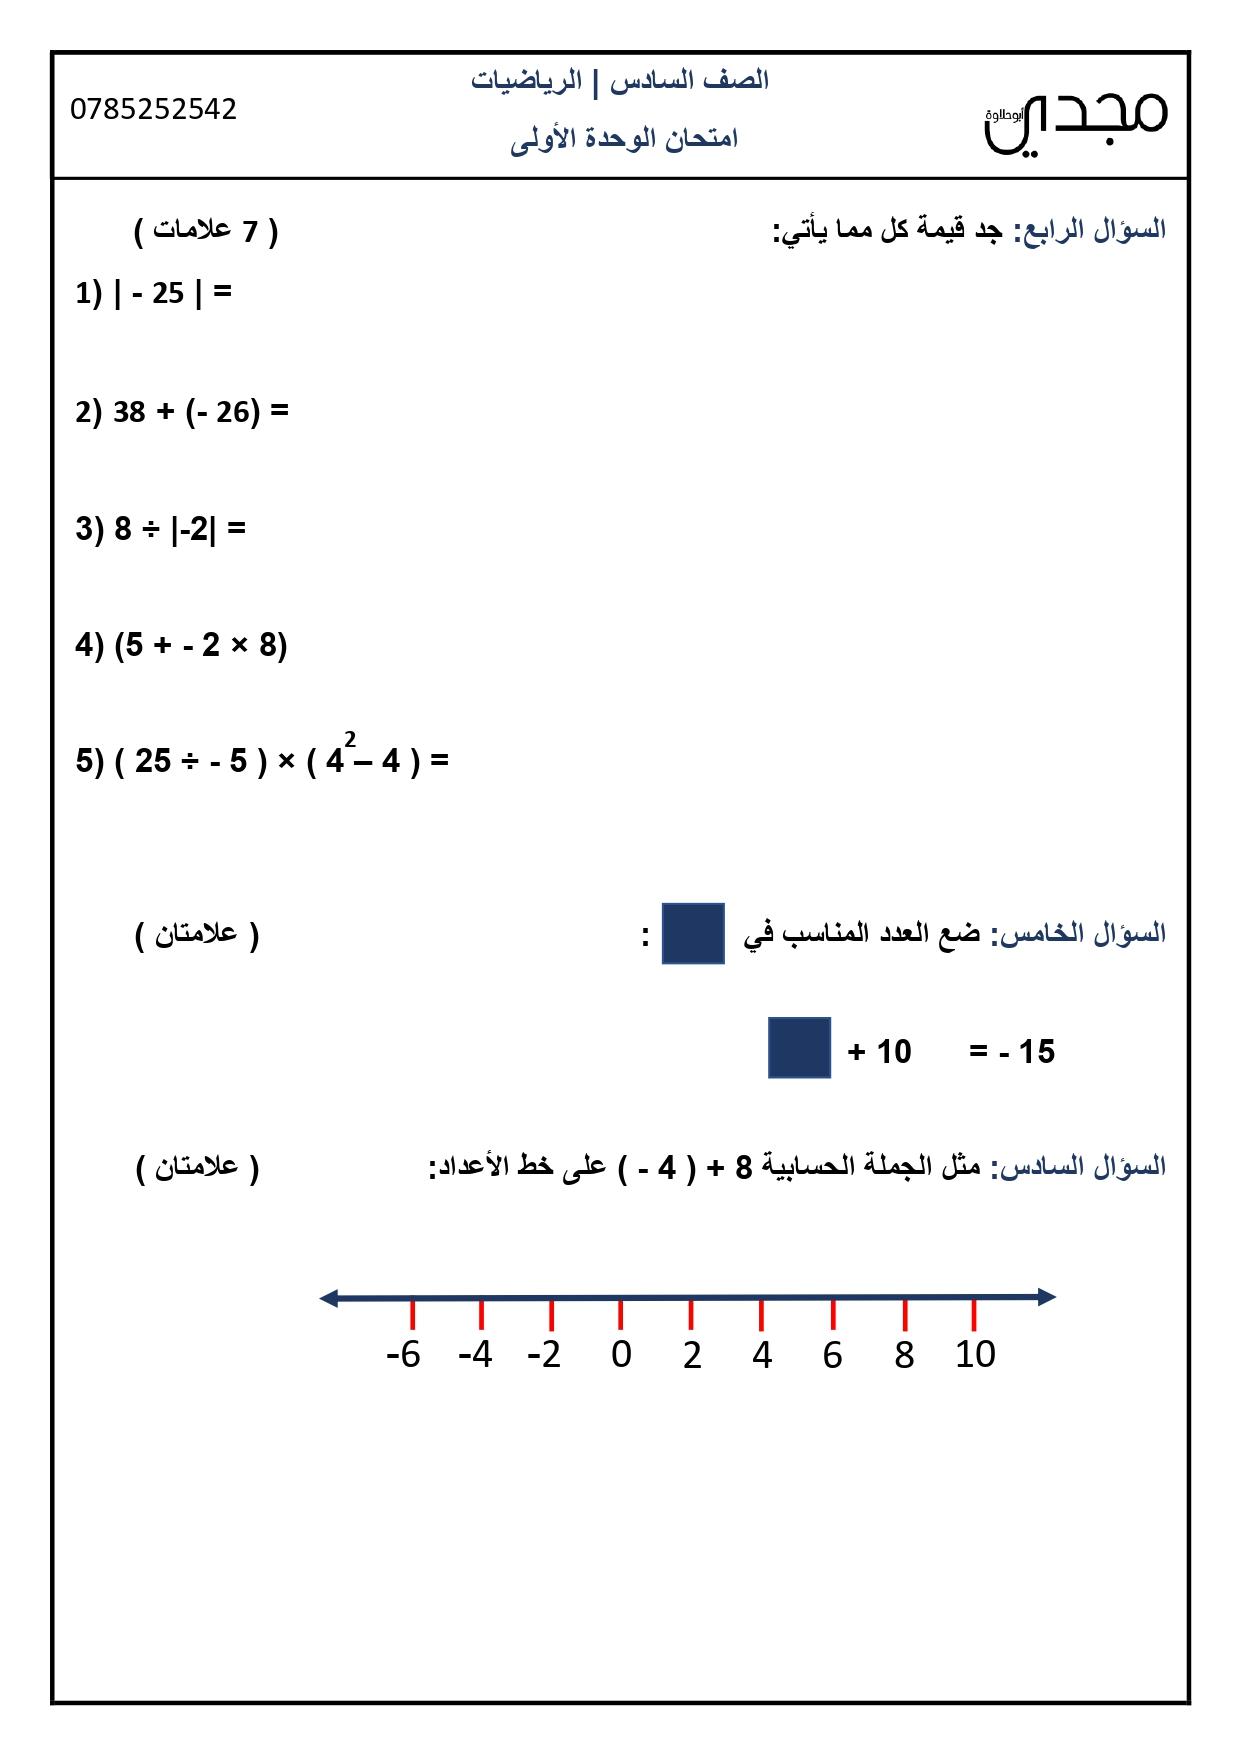 NzMzODE14%D8%A7%D9%85%D8%AA%D8%AD%D8%A7%D9%86%20%D8%A7%D9%84%D8%B4%D9%87%D8%B1%20%D8%A7%D9%84%D8%A7%D9%88%D9%84%20%D9%84%D9%85%D8%A7%D8%AF%D8%A9%20%D8%A7%D9%84%D8%B1%D9%8A%D8%A7%D8%B6%D9%8A%D8%A7%D8%AA%20%D9%84%D9%84%D8%B5%D9%81%20%D8%A7%D9%84%D8%B3%D8%A7%D8%AF%D8%B3%20%D8%A7%D9%84%D9%81%D8%B5%D9%84%20%D8%A7%D9%84%D8%A7%D9%88%D9%84%20%D8%A7%D9%84%D9%88%D8%AD%D8%AF%D8%A9%20%D8%A7%D9%84%D8%A7%D9%88%D9%84%D9%89%202021-0002